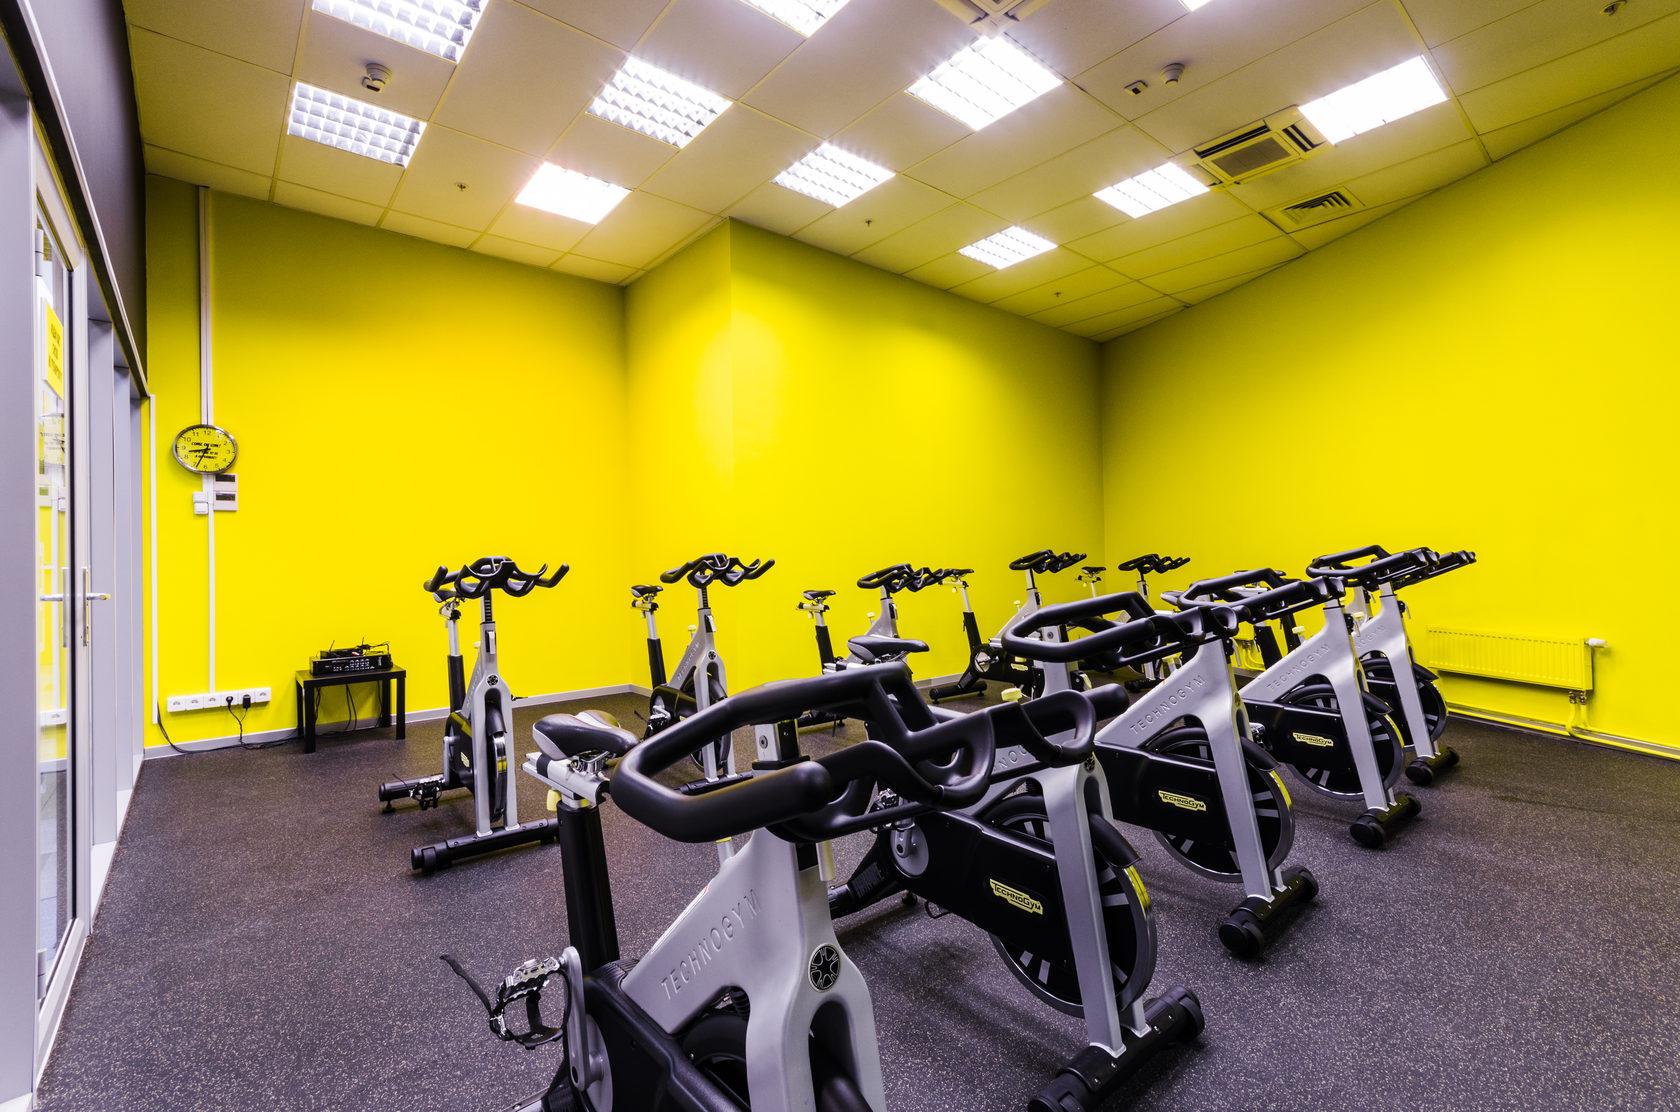 фитнес клубы москва недорого на месяц